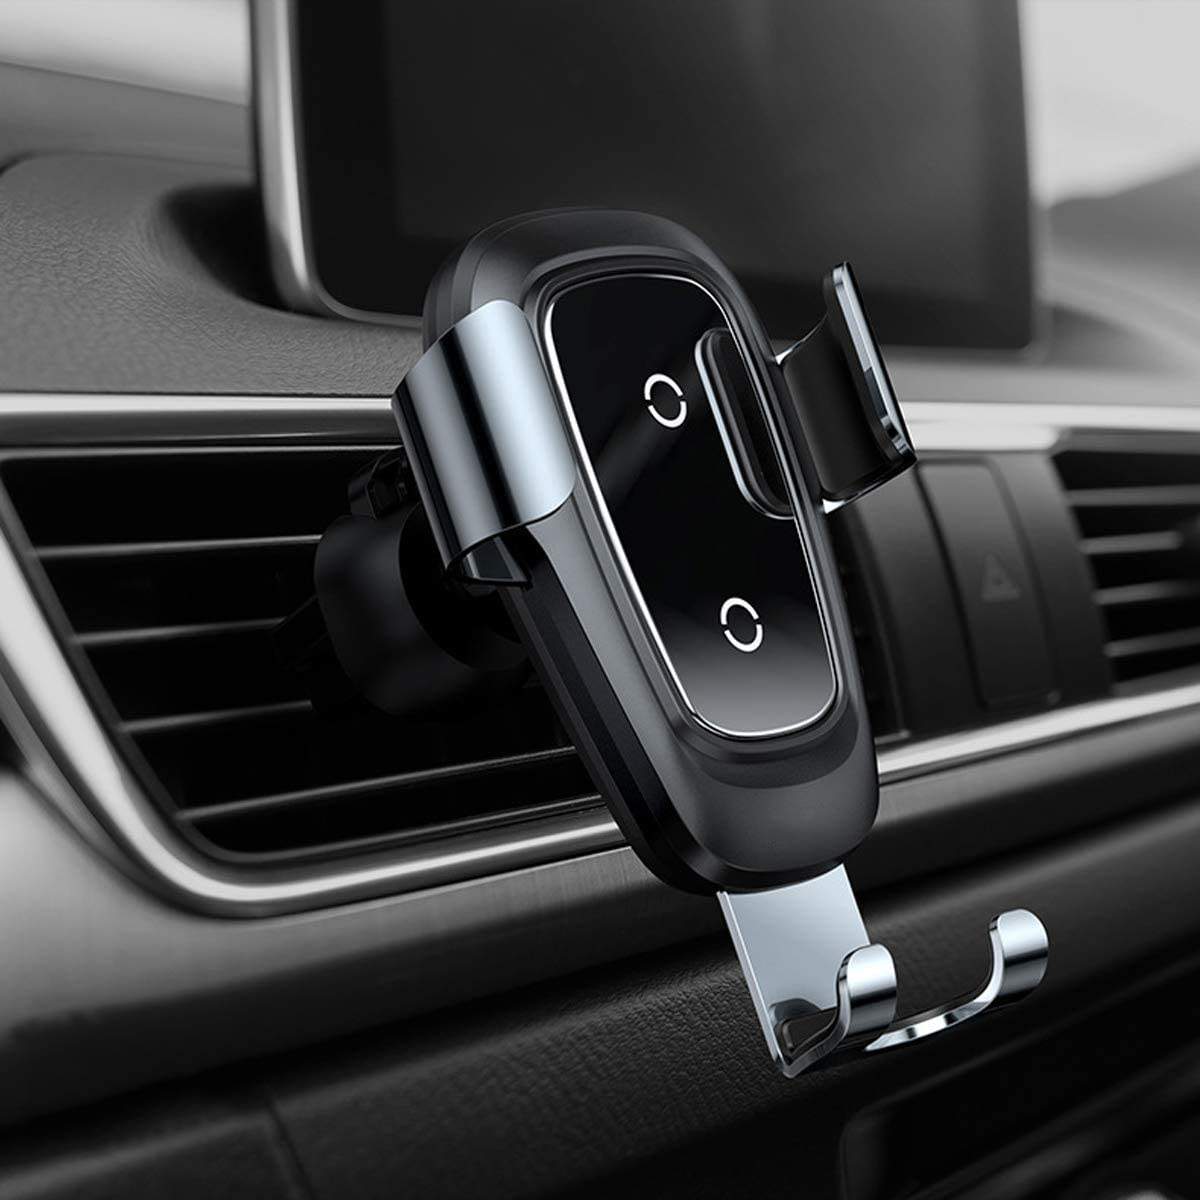 HMHD Cargador Coche InaláMbrico, Carga Rapida Smartphone Coche 2 En 1 10W, para Samsung S10/S10+/S9/S8 /S7/S6 Twilight: Amazon.es: Coche y moto